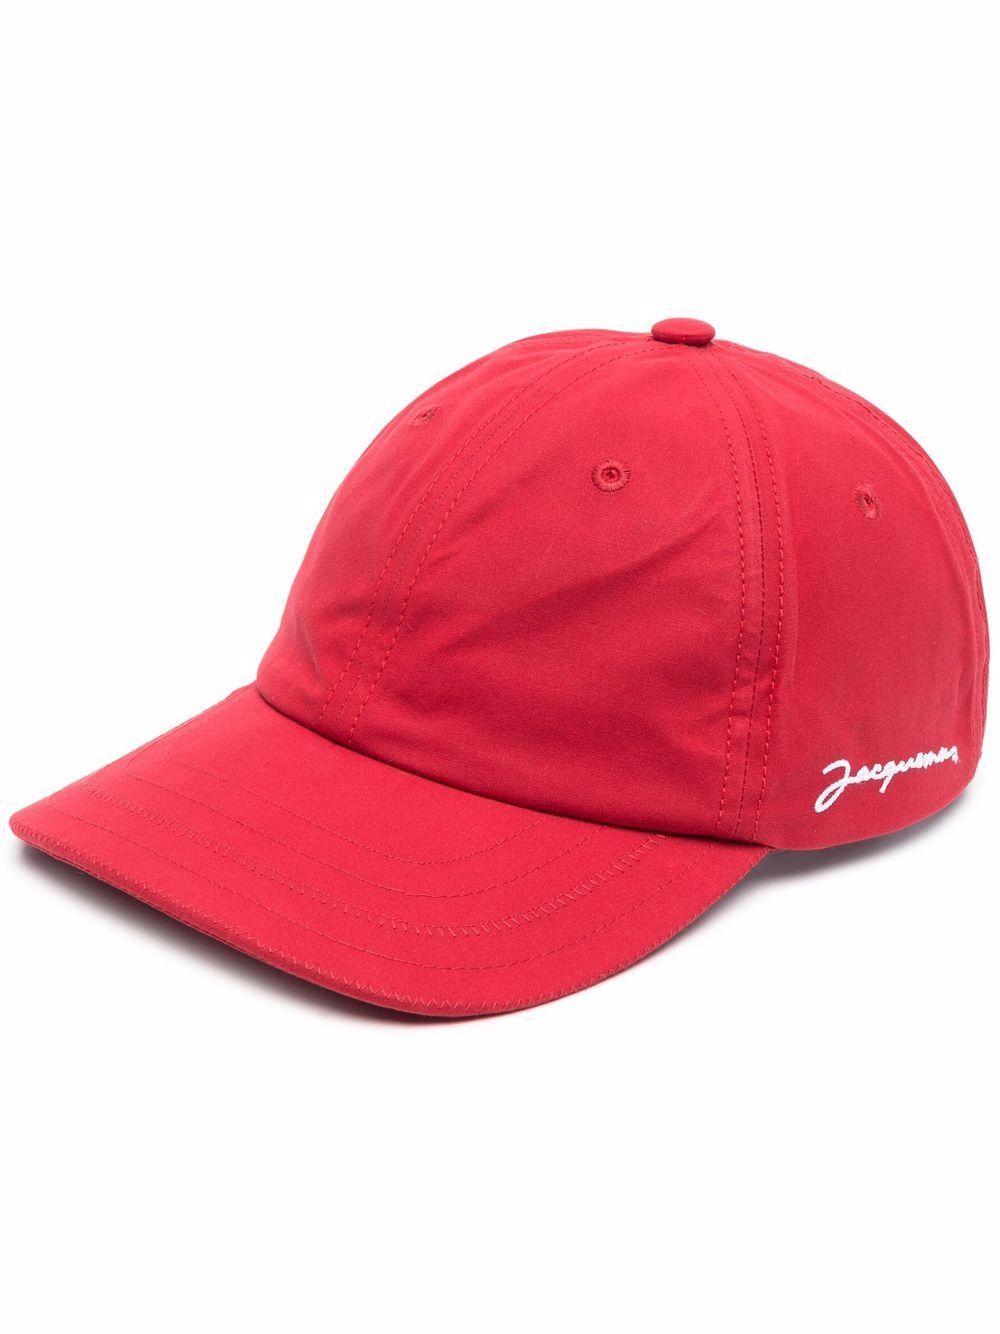 Cappello le casquette jacquemus